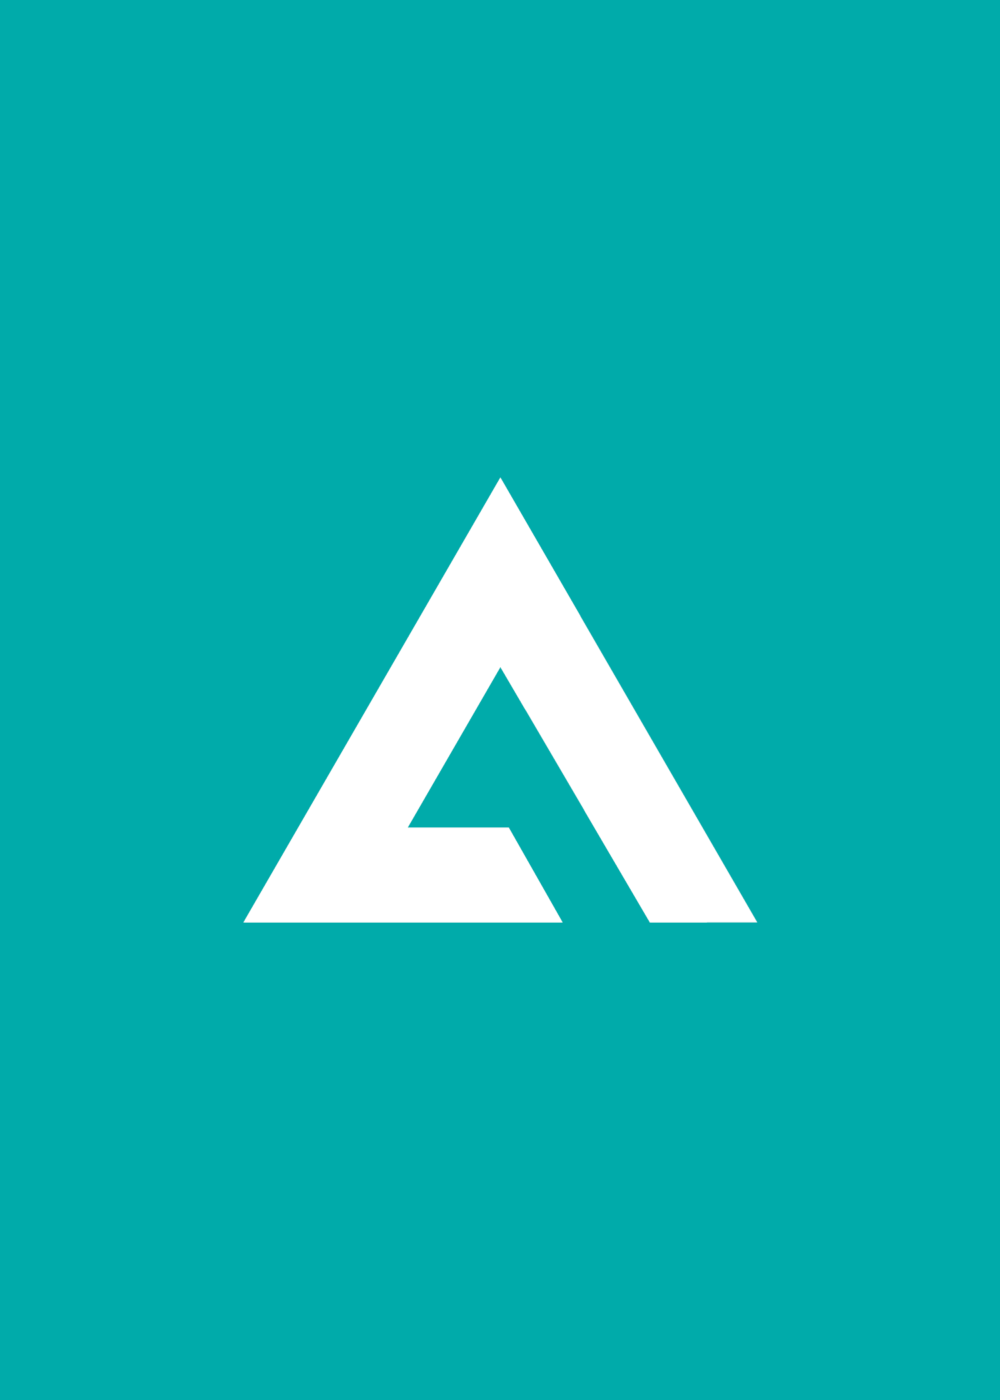 Acota – Branding & Marketing By Source In Shrewsbury, Shropshire